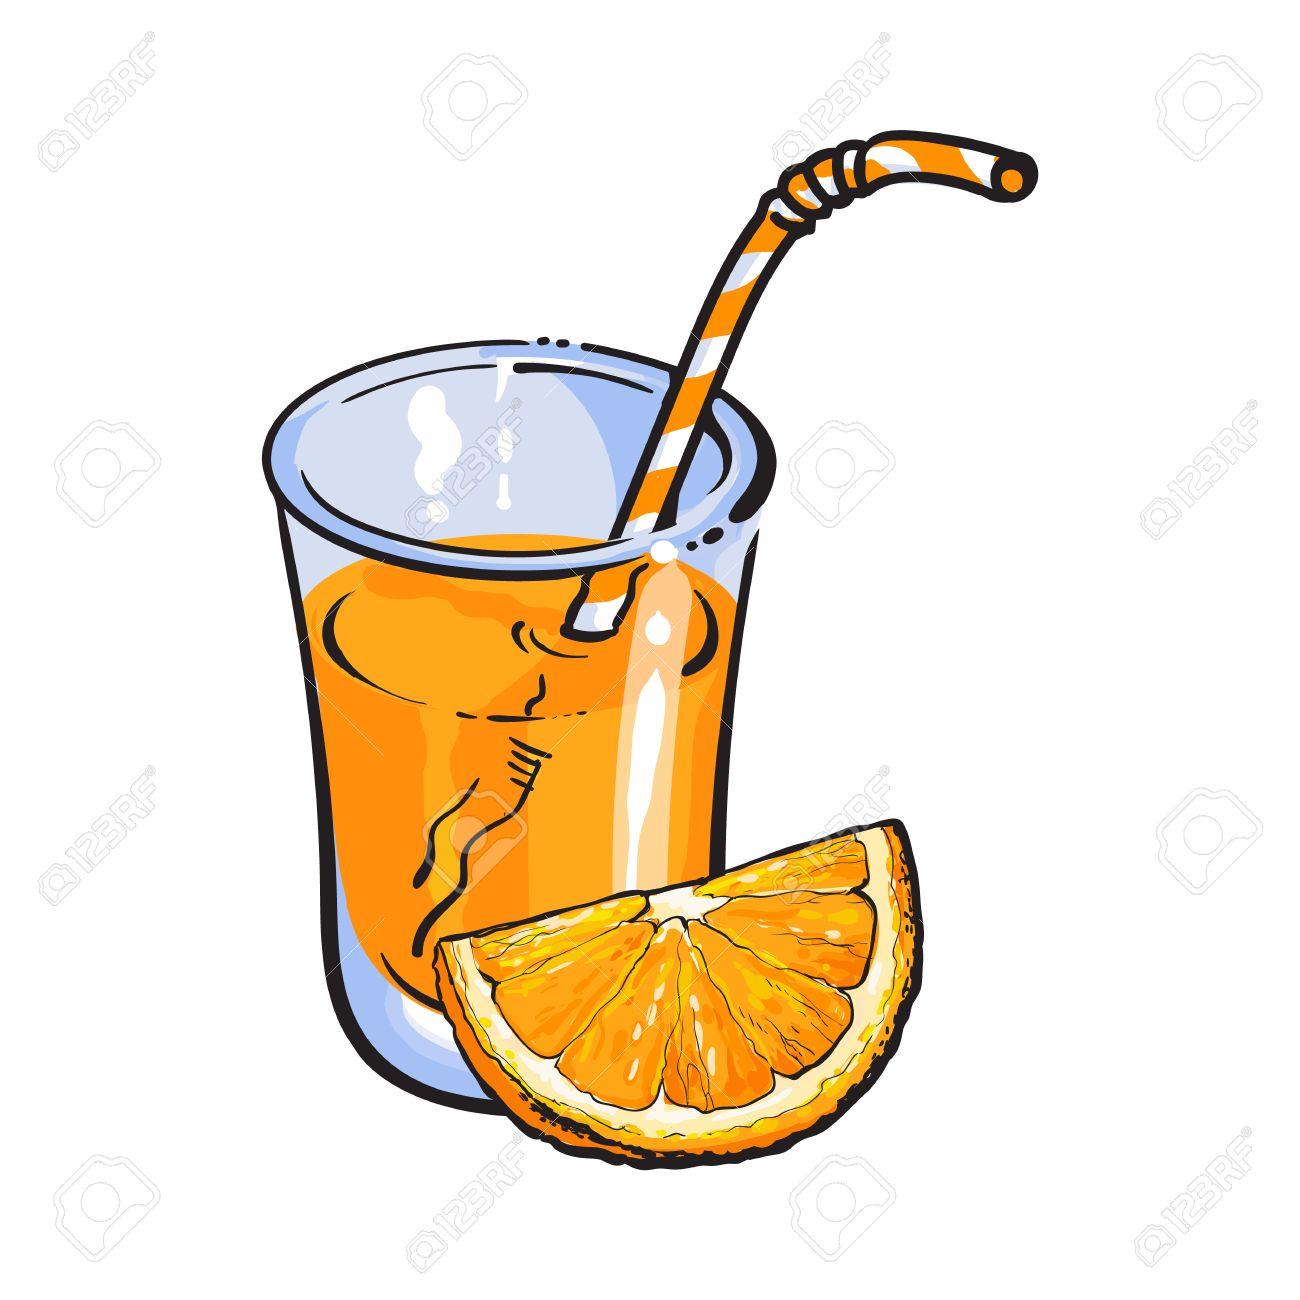 Verre De Jus Fraîchement Pressé Avec Un Morceau D Orange Croquis Illustration Vectorielle Isolé Sur Fond Blanc Dessin à La Main D Orange Et De Jus